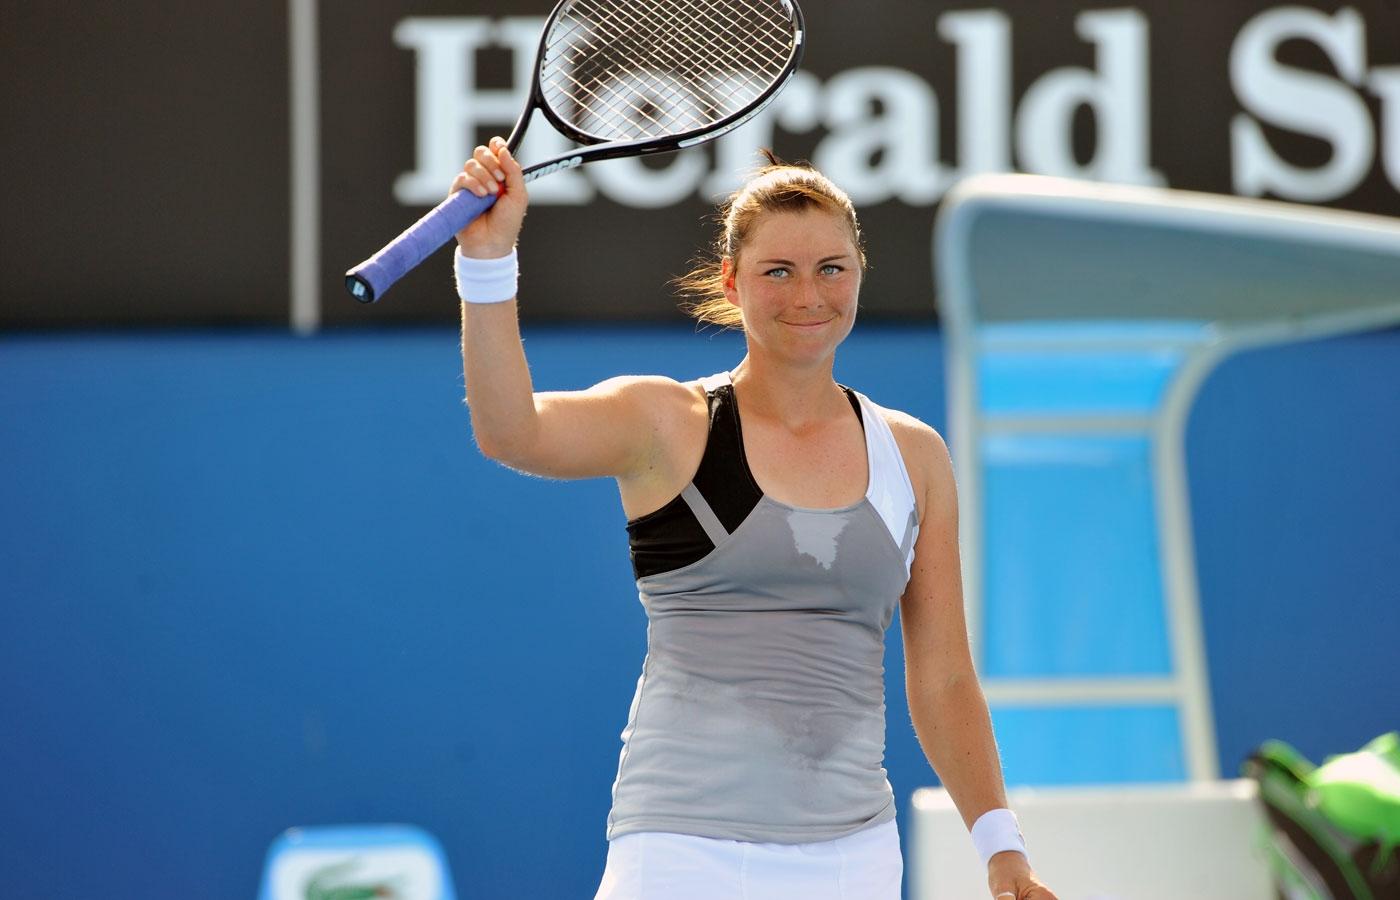 Вера Звонарева в первом круге сыграет с Анжелик Кербер